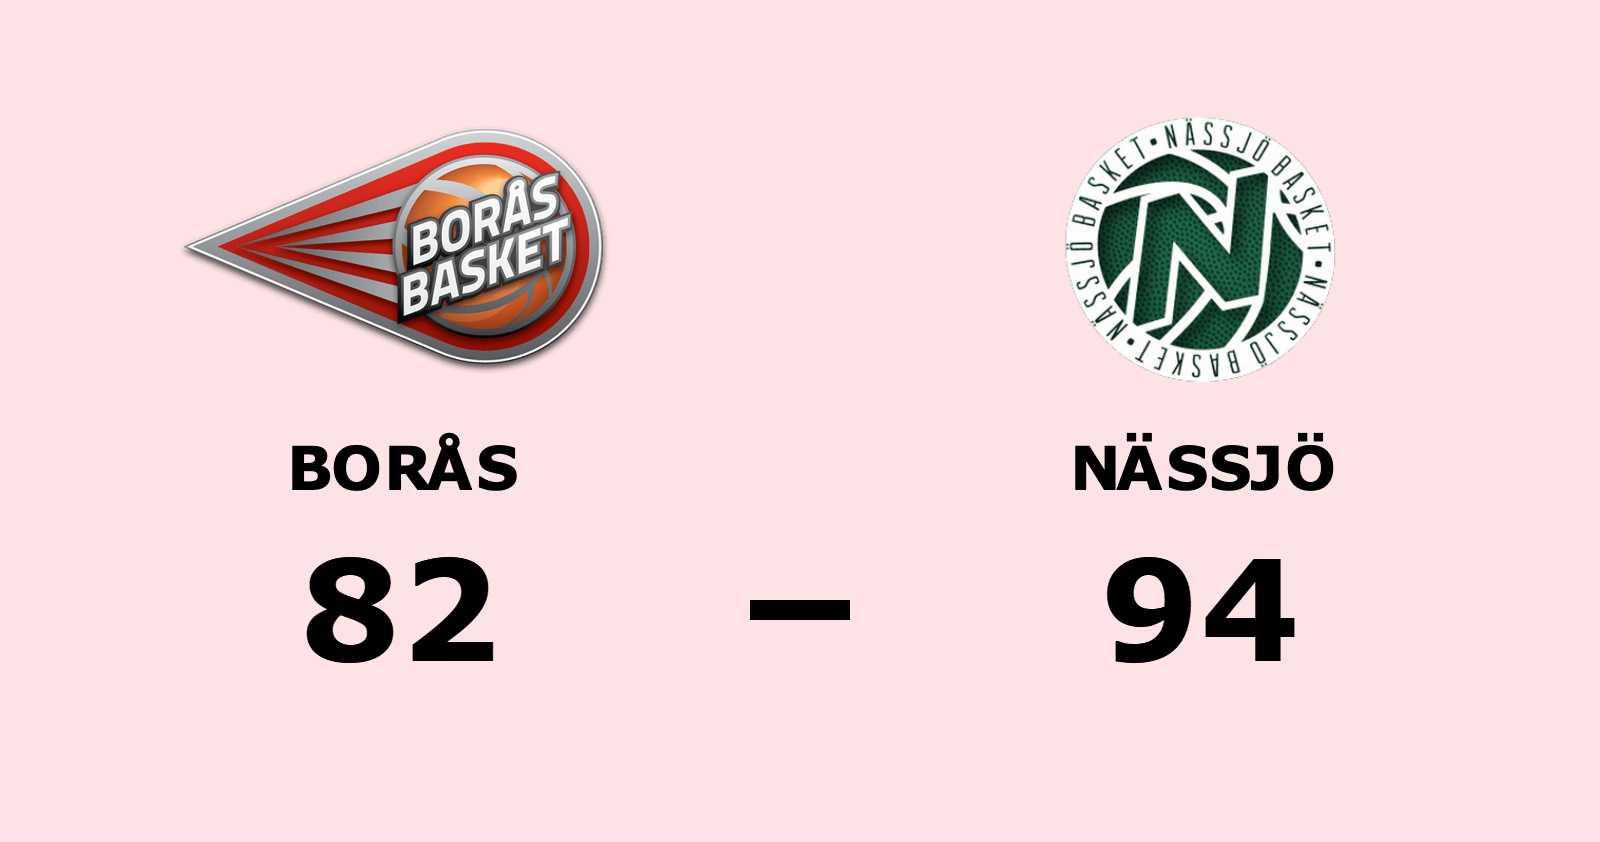 Nässjö vann och kvitterade mot Borås